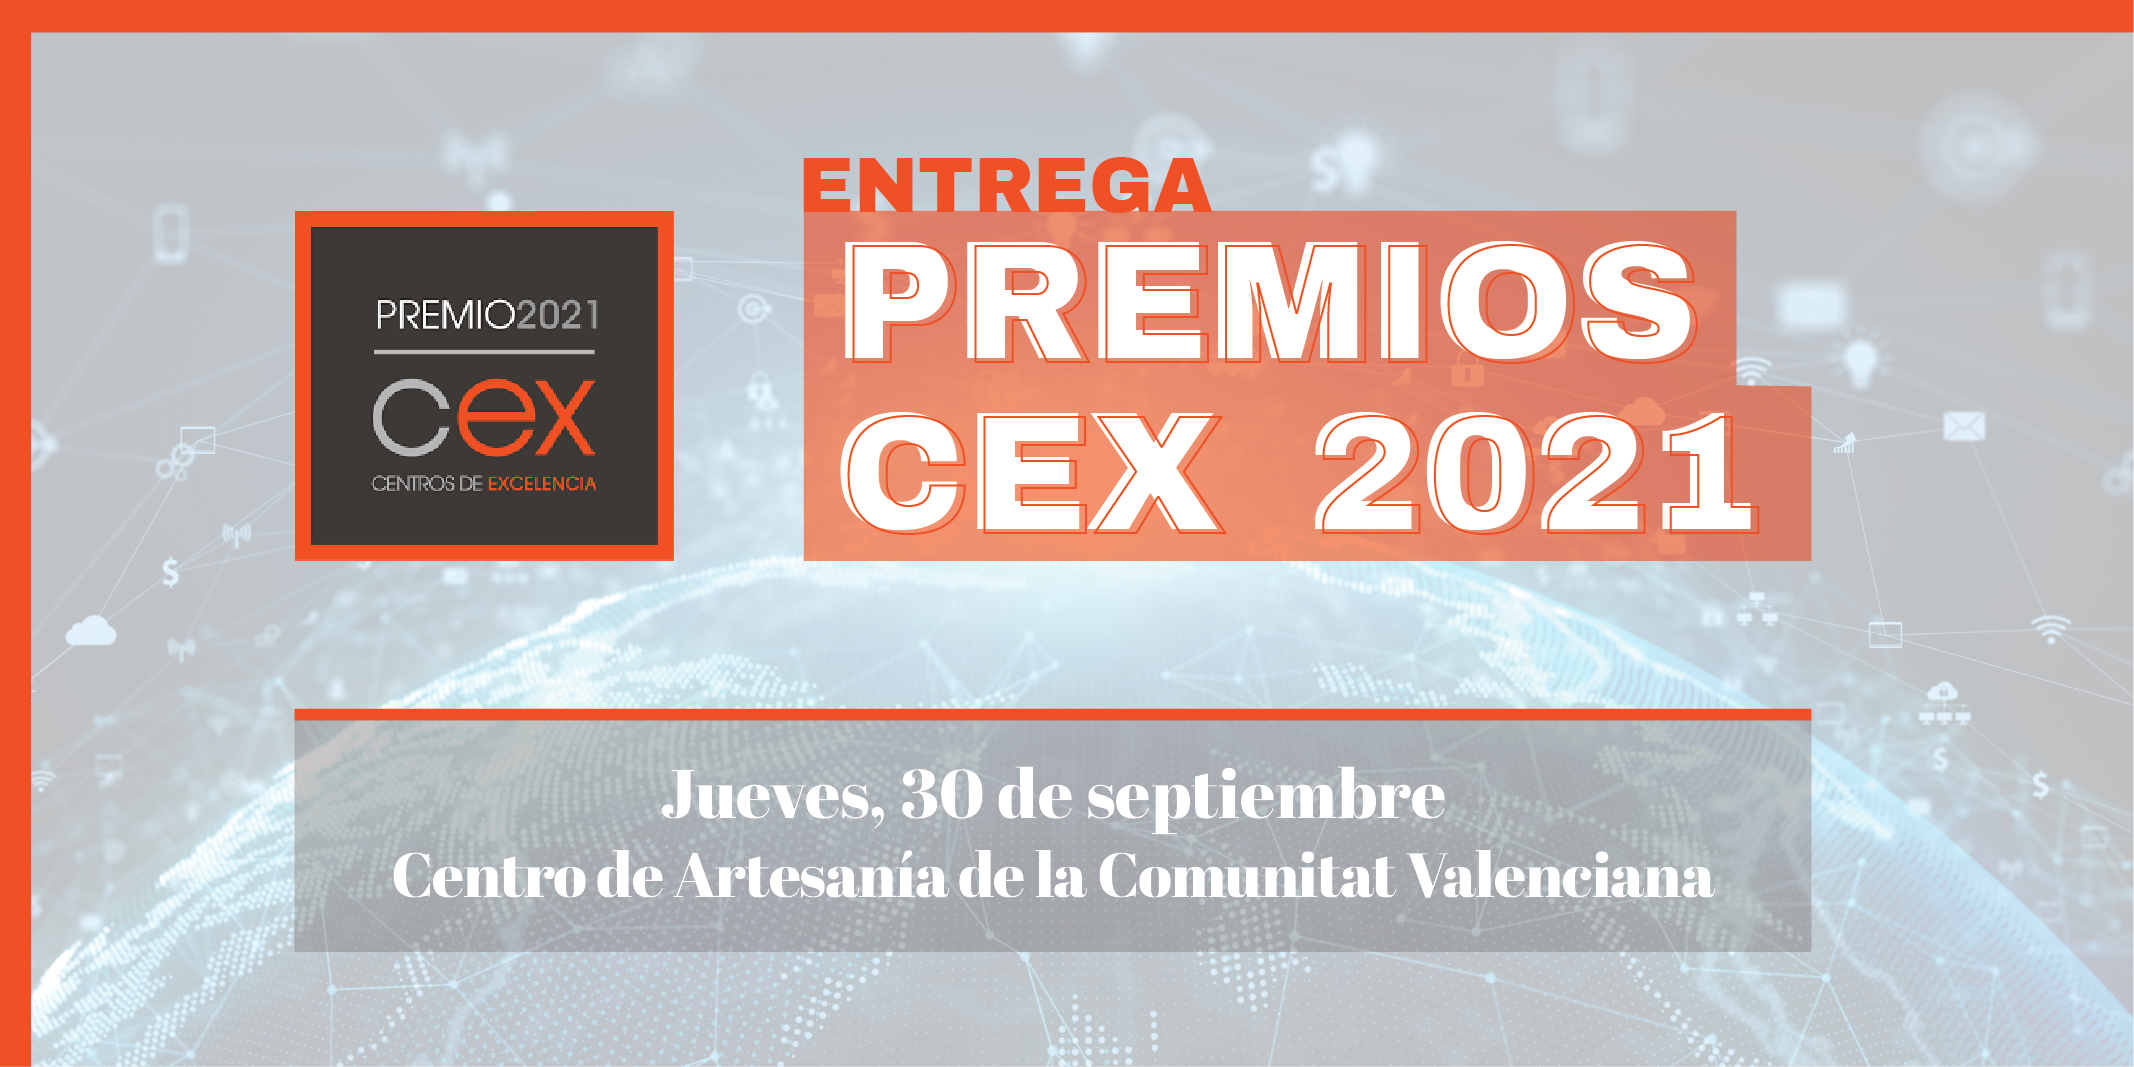 El Ivace organizará la XI edición de los Premios CEX para reconocer la excelencia y la adaptación de empresas y entidades en el entorno COVID